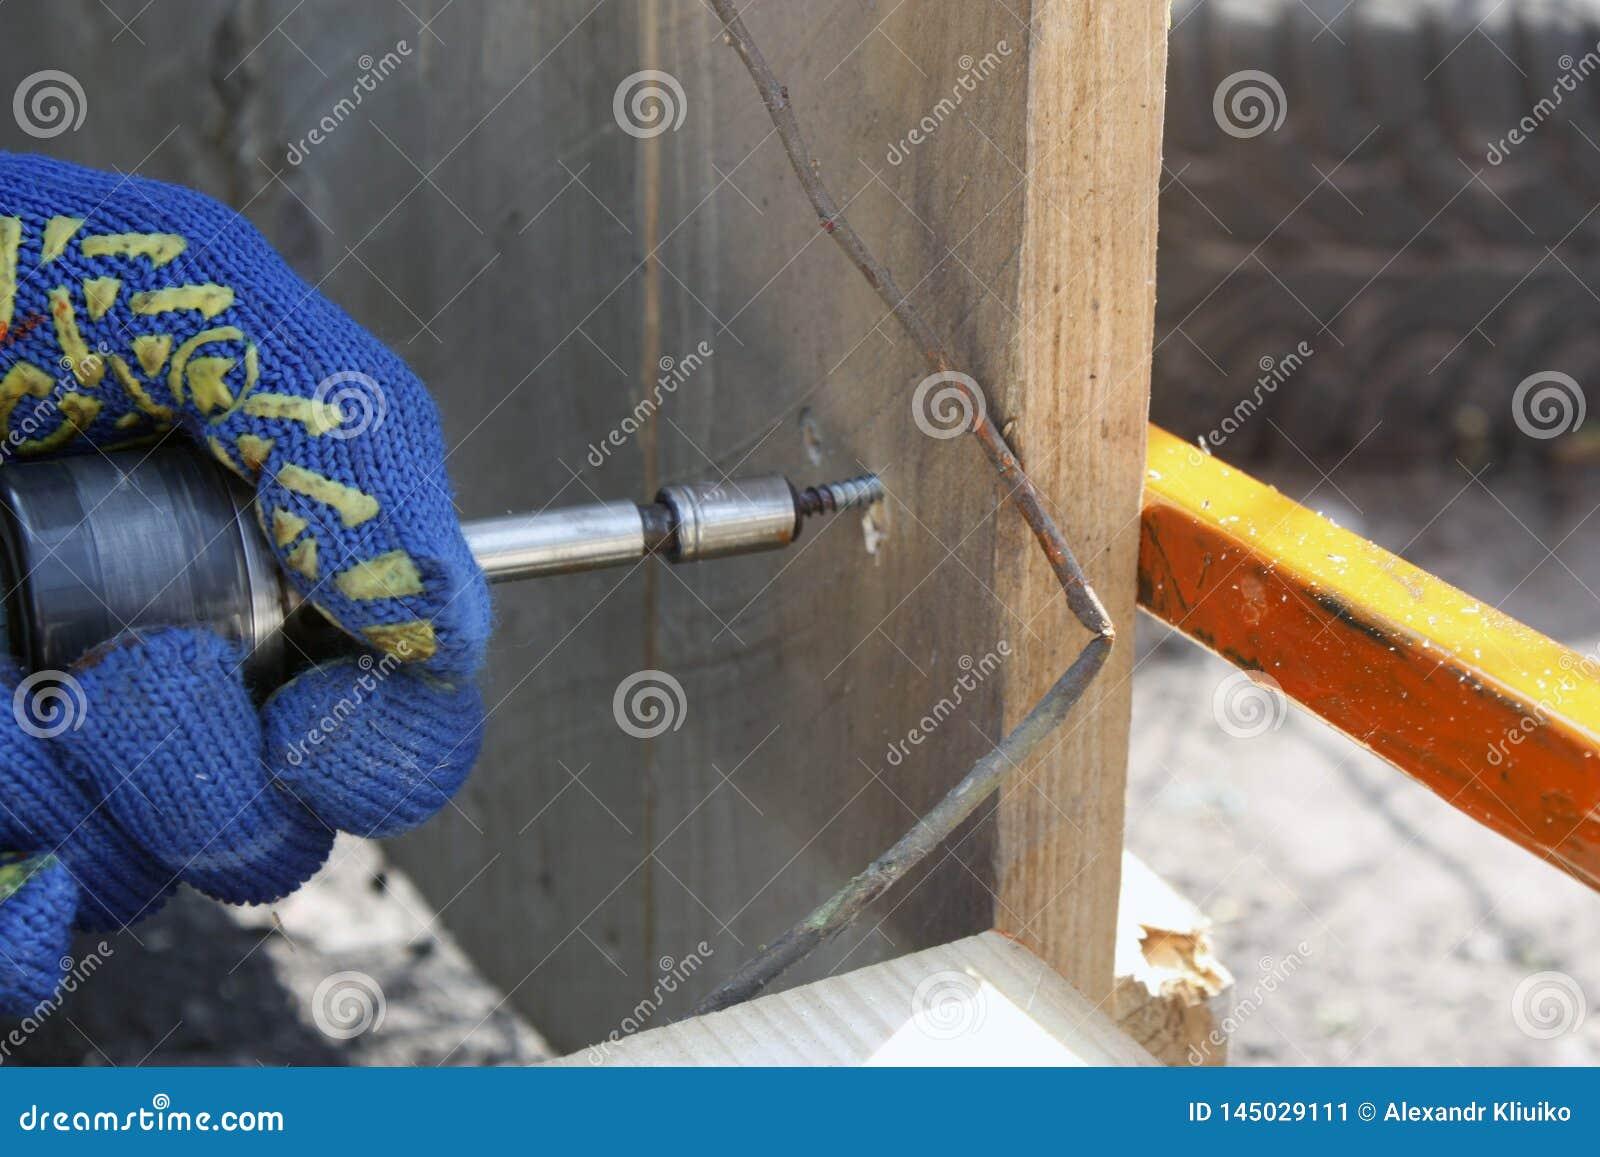 Un charpentier travaillant avec un tournevis électrique réparant une barrière en bois dans les gants protecteurs